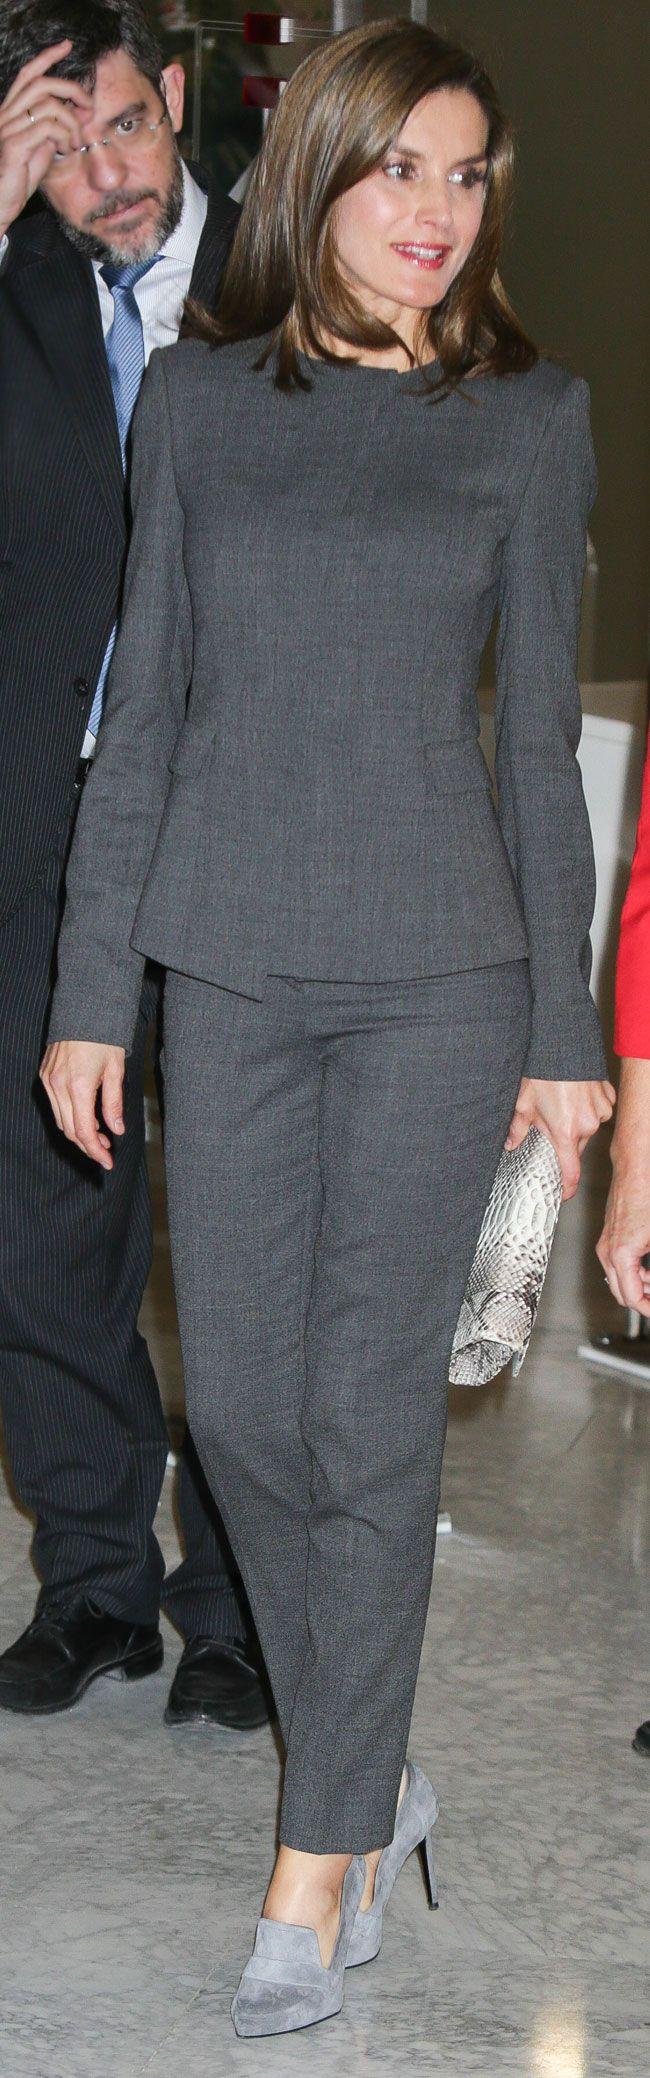 """La Reina se pone un sobrio traje de Hugo Boss para acudir a la Biblioteca Nacional de España, sin """"llamar la atención"""" tras su polémico vestido años 20."""